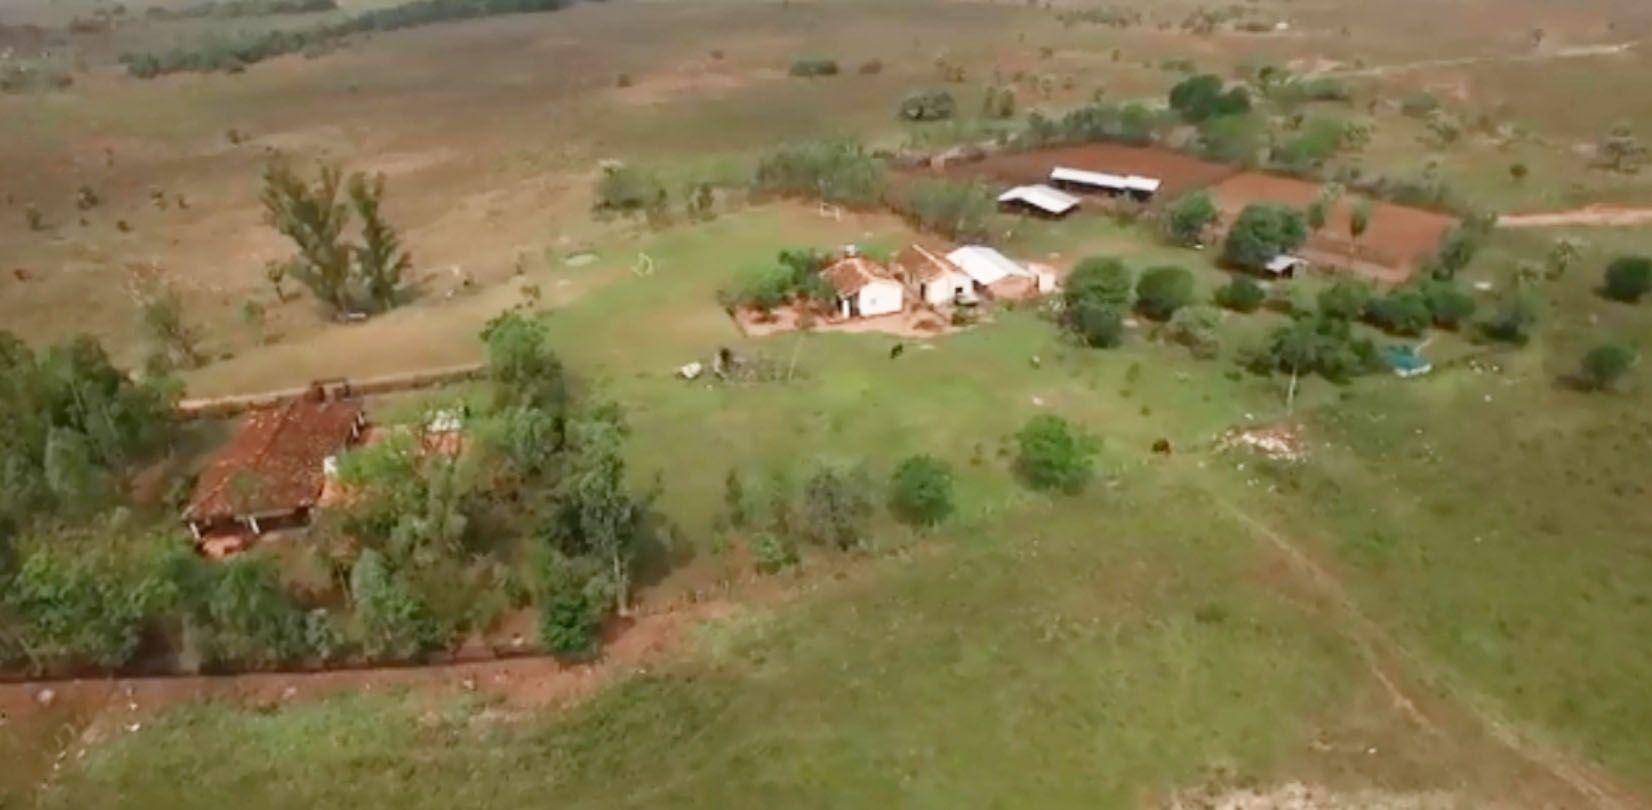 Estancia.  Vista de la propiedad que tiene Albino Ferrer en la zona de Nueva Italia. Tiene por lo menos  430 hectáreas